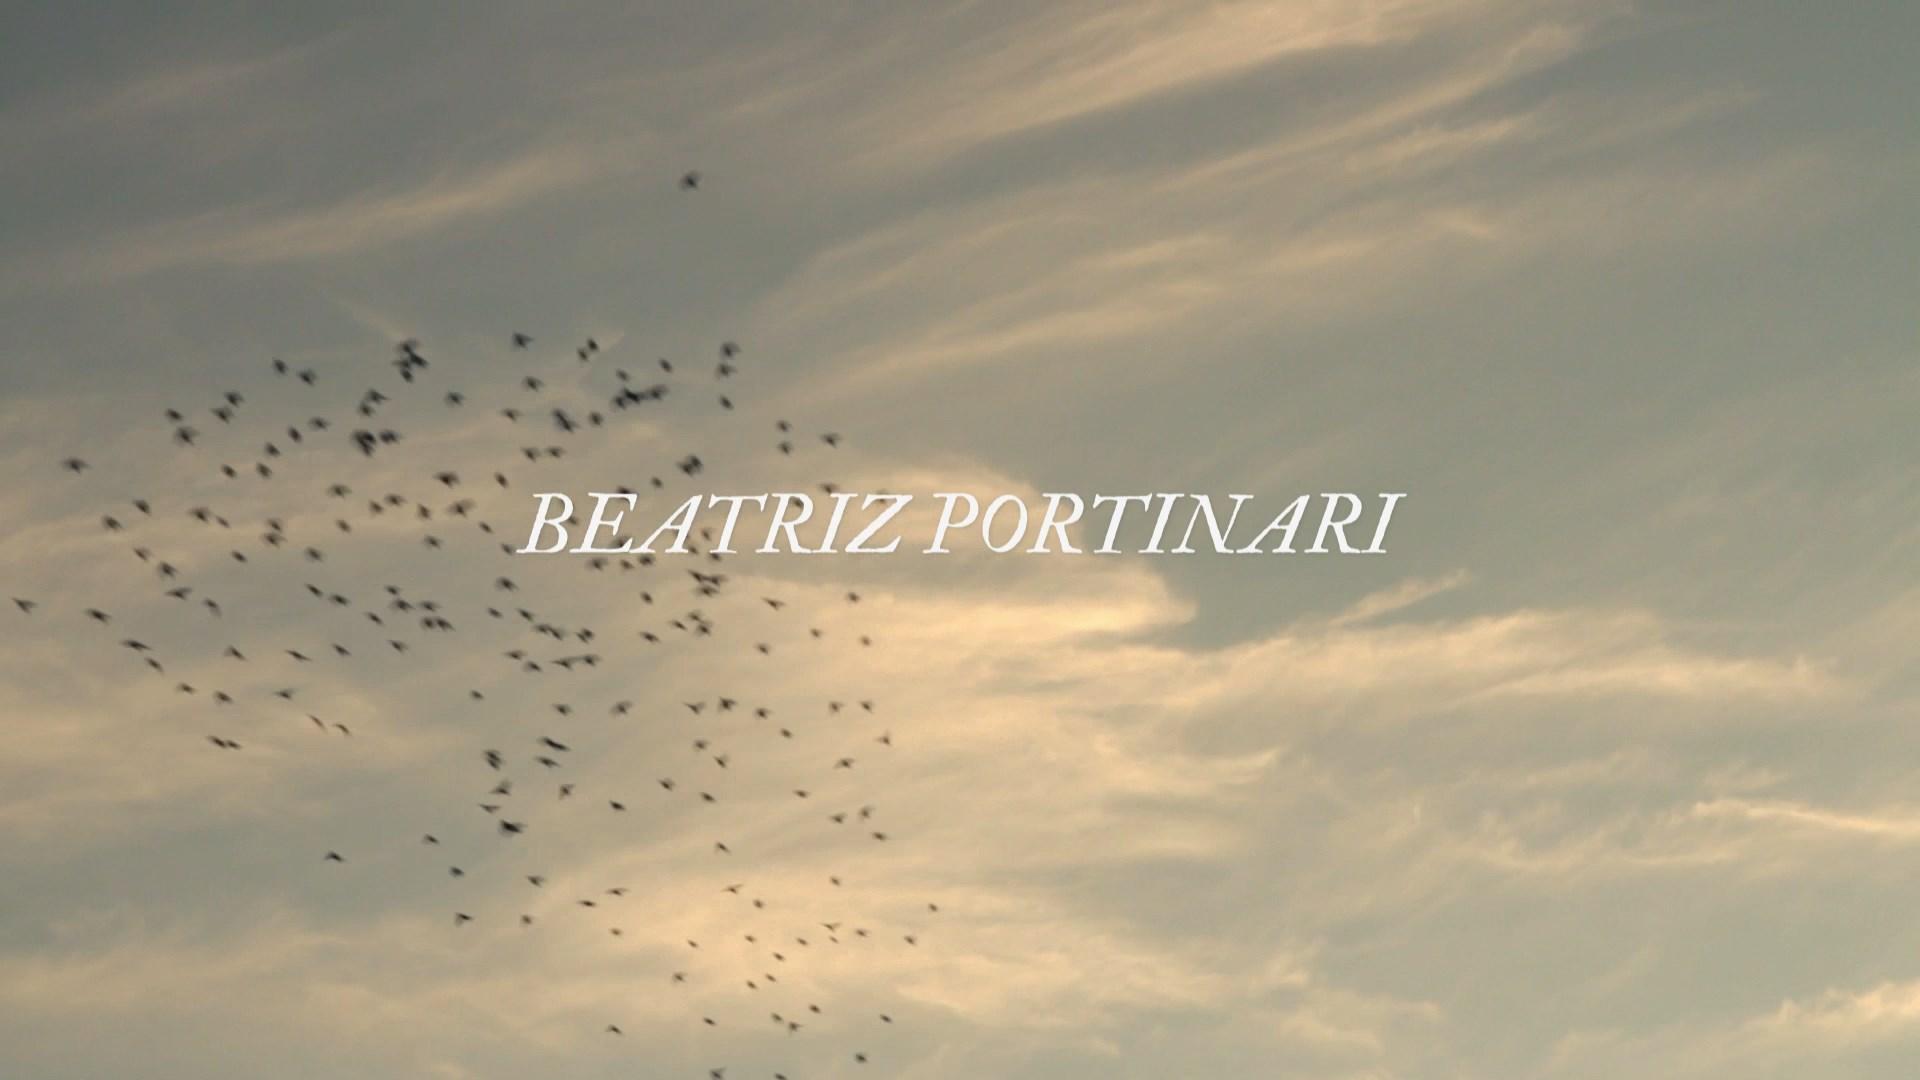 Beatriz Portinari (2013)